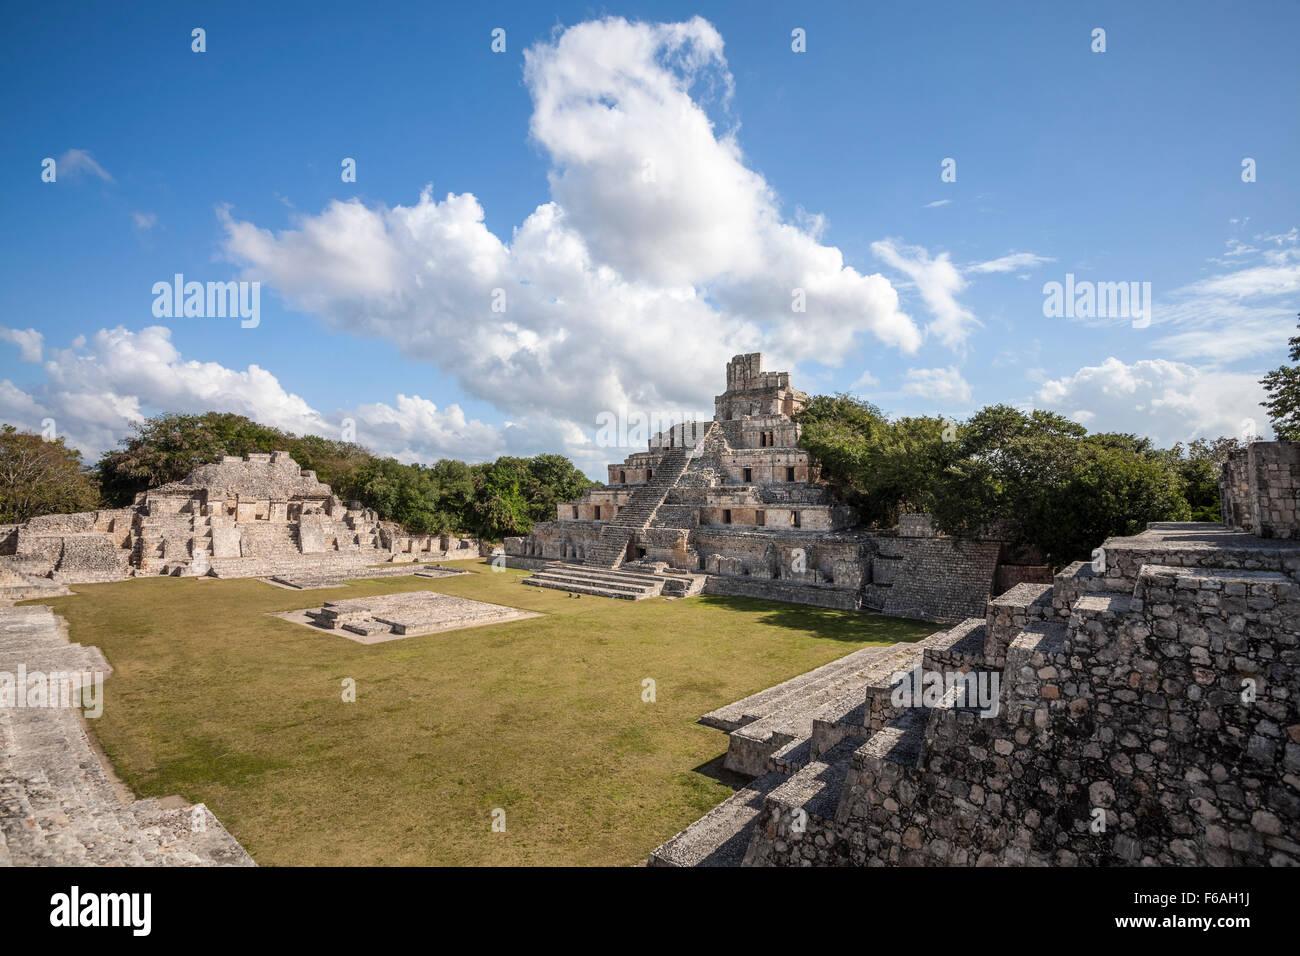 La storia di cinque piramide e plaza principale delle rovine maya di edzna, Campeche, Messico. Immagini Stock